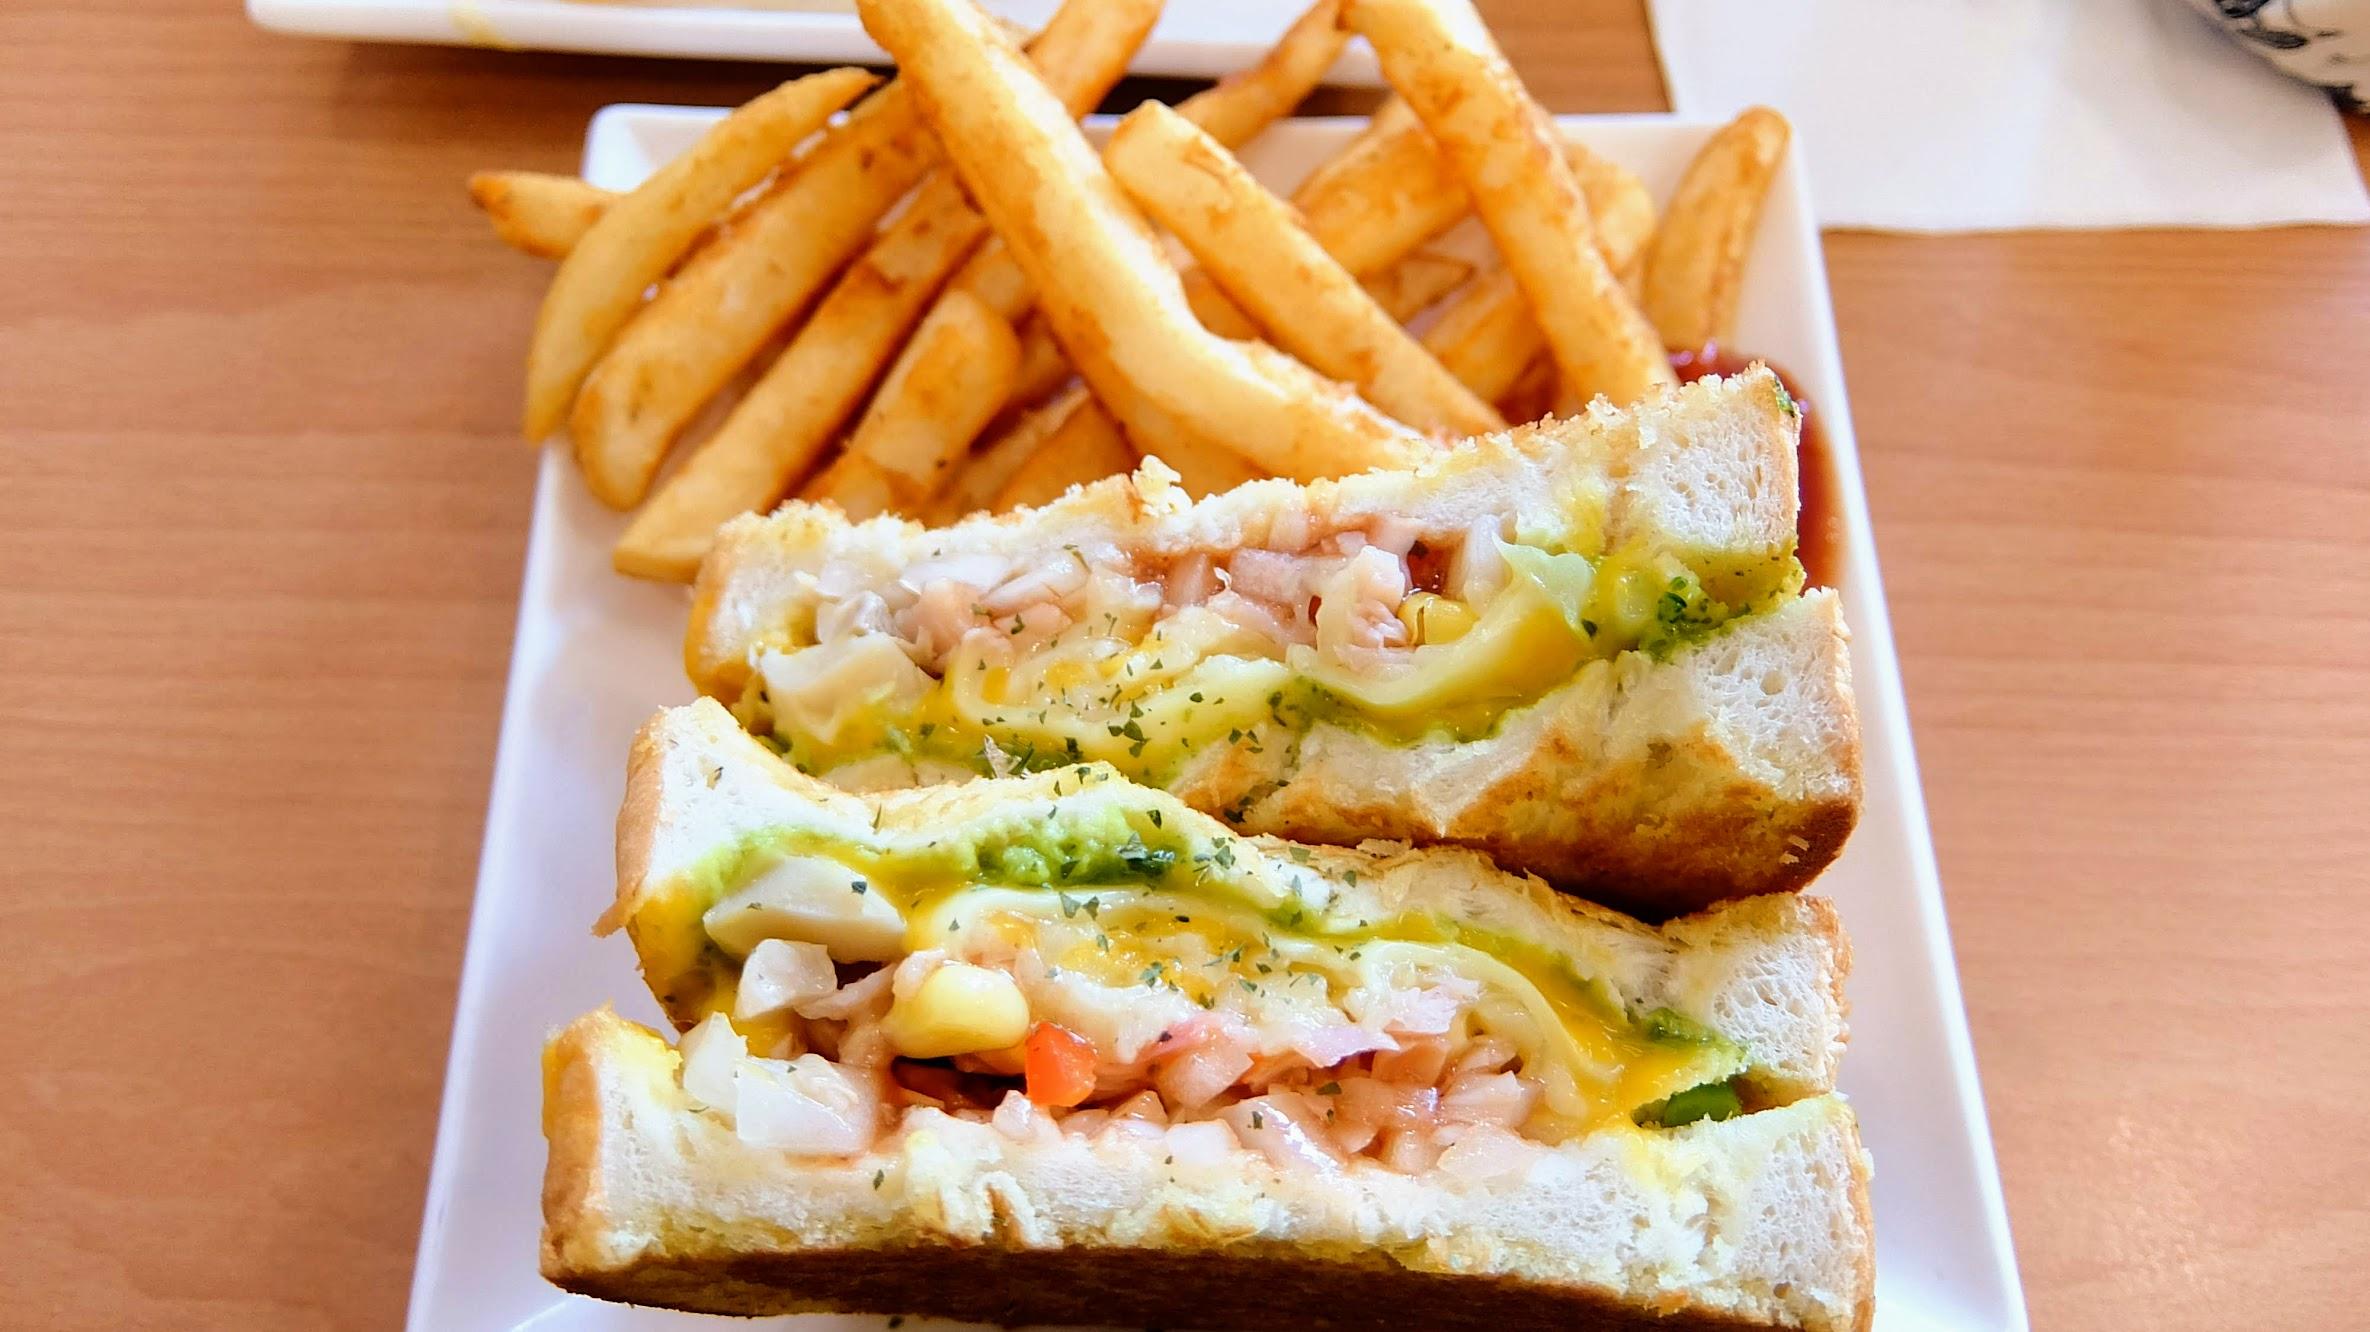 熱煎三明治,感覺很厚實飽滿的三明治啊!